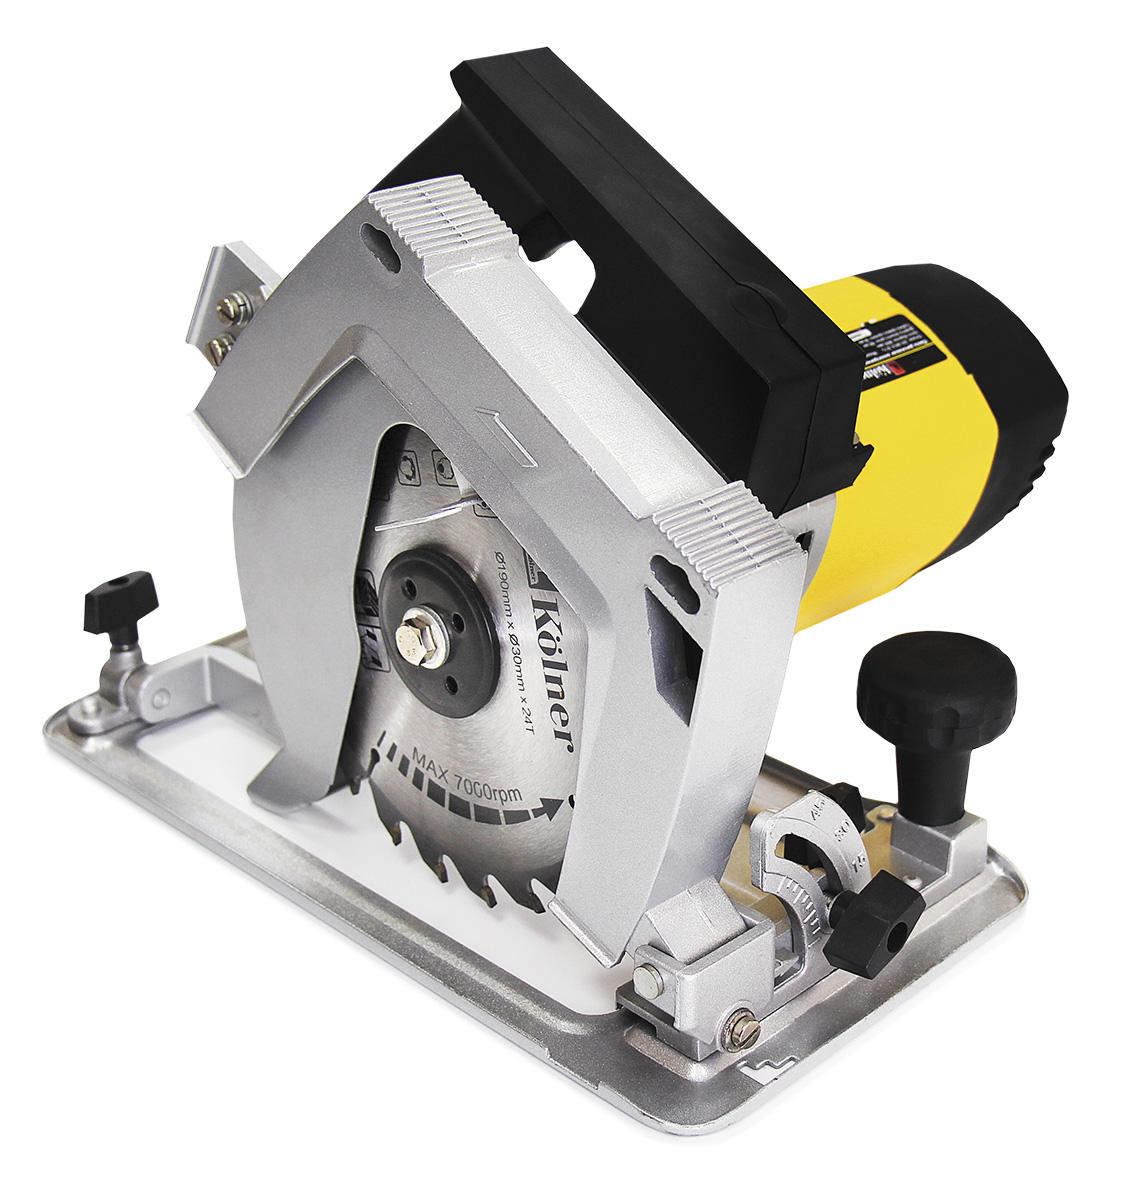 Пила дисковая ручная Kolner KCS 190/1900Ткн190-1900цсКомплектация: параллельный упор, расклинивающий нож, дополнительный защитный кожух, крепления для стационарной установки пилы, переходник для подключения пылесоса/мешка для сбора отходов, скоба-фиксатор выключателя при работе в стационарном режиме, угольные щетки, торцевой шестигранный ключ, ключ фланца